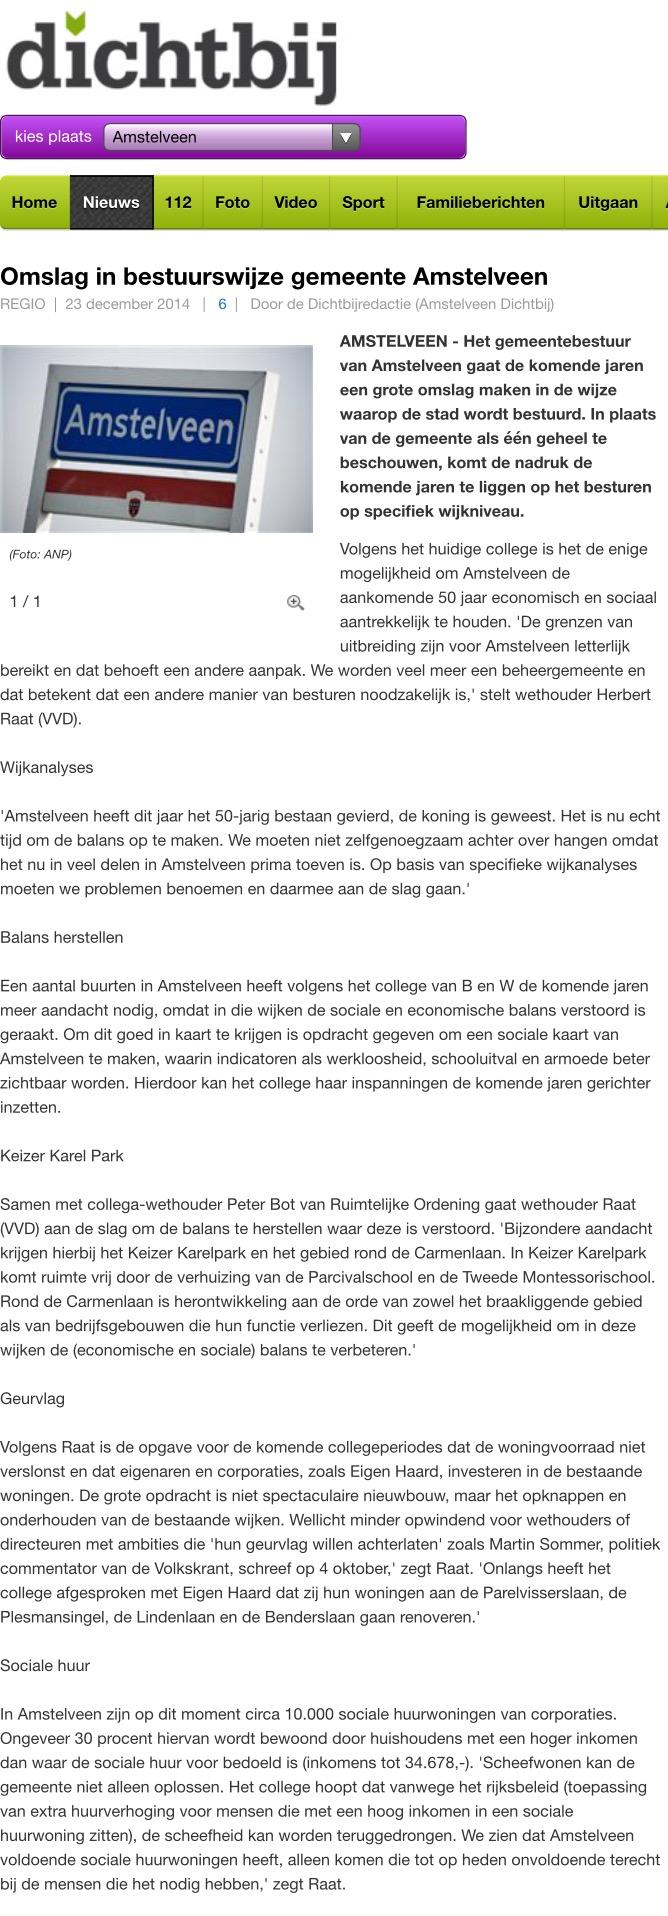 2014-23-12 AmstelveenDichtbij; Herbert Raat over omslag bestuur Amstelveen, meer op wijkniveau